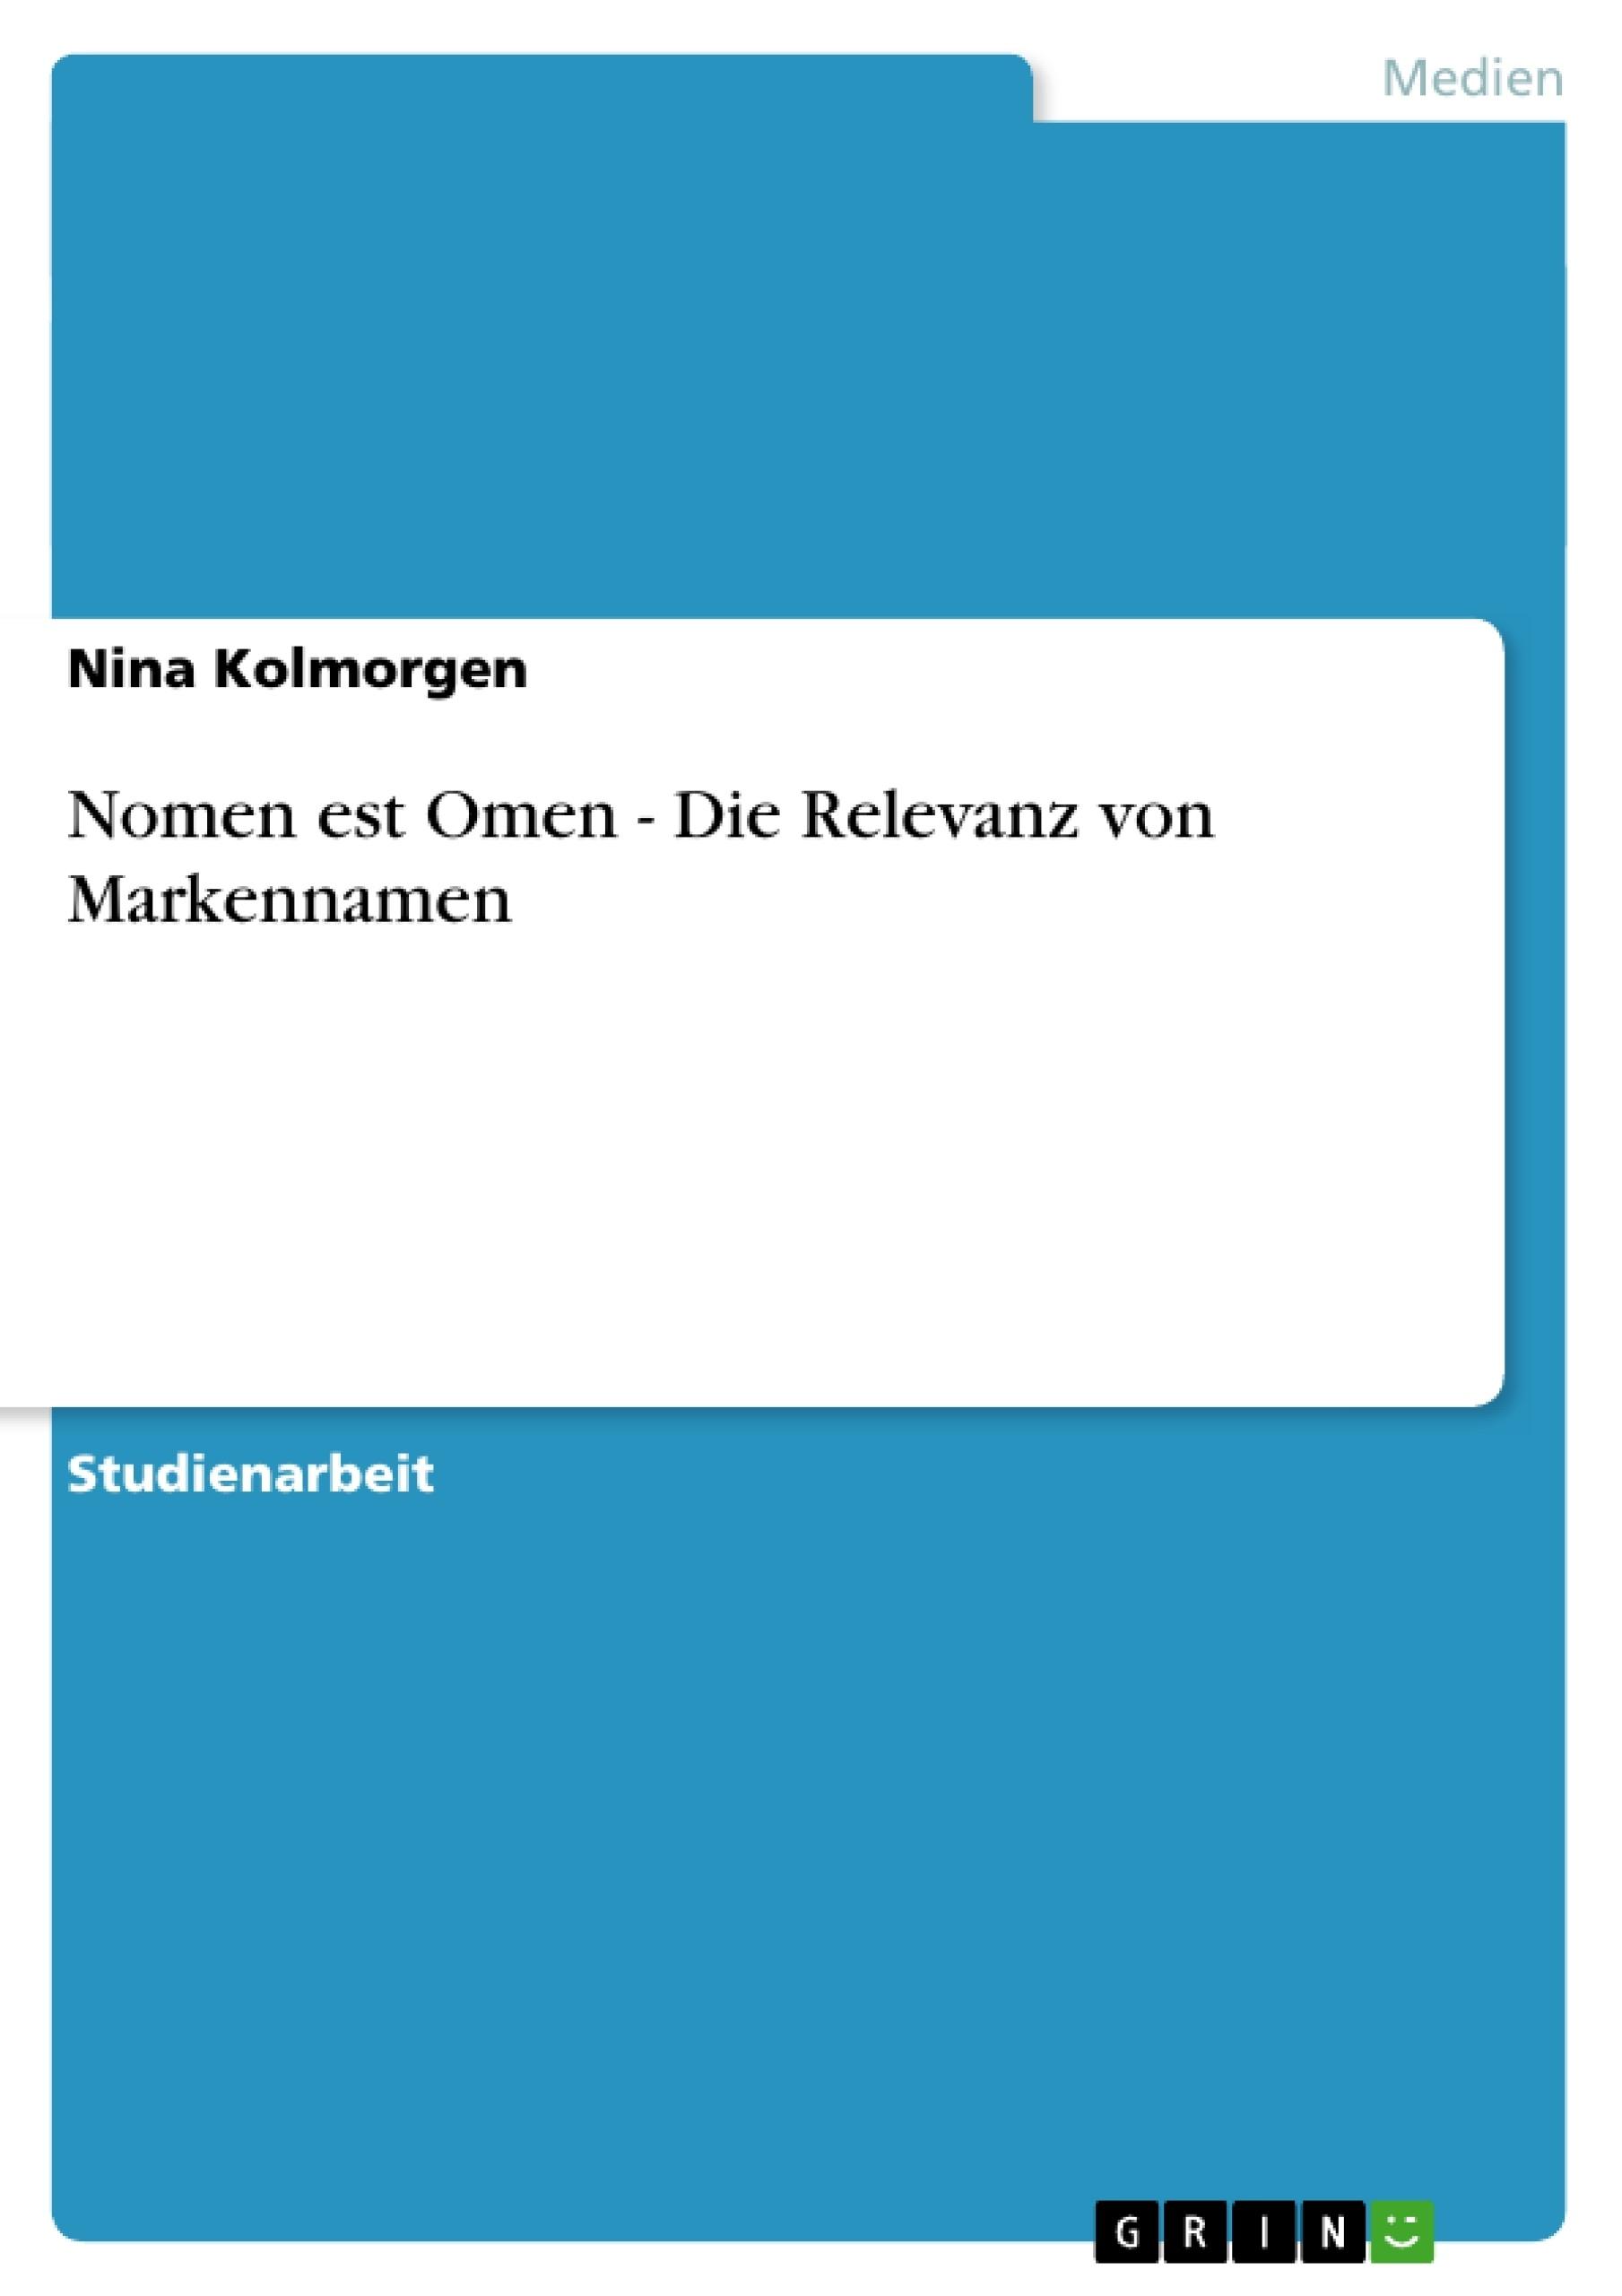 Titel: Nomen est Omen - Die Relevanz von Markennamen